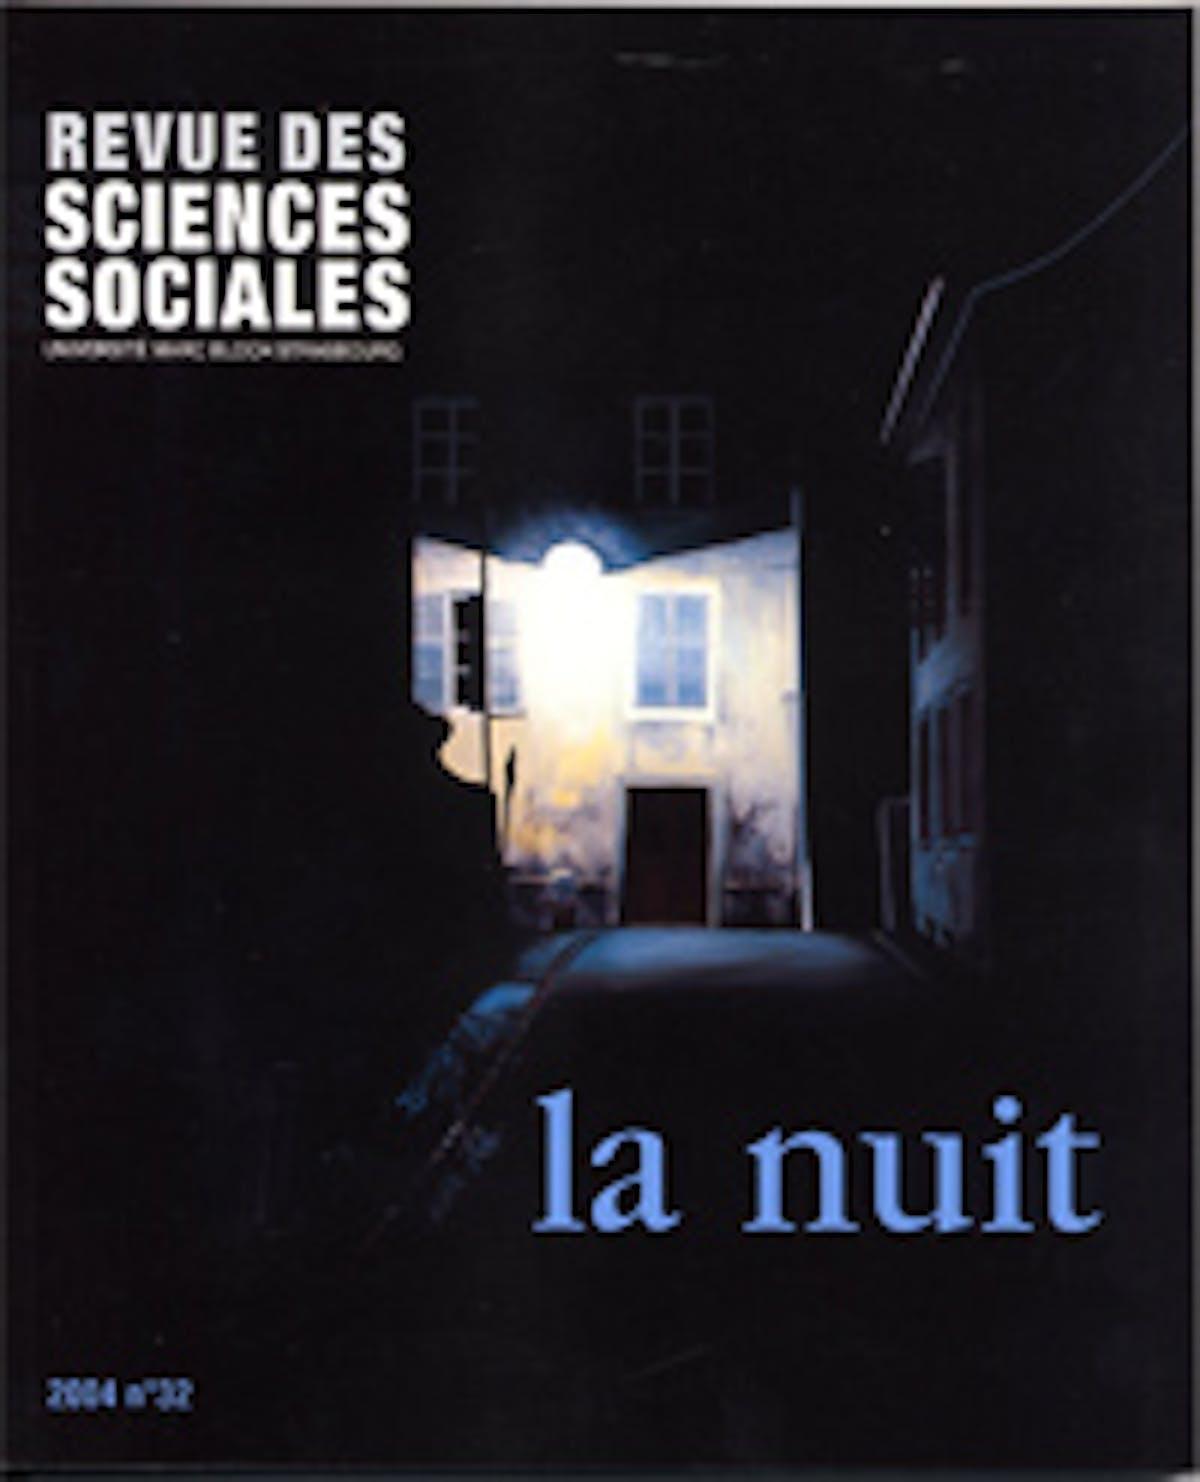 LA NUIT AUX CARREFOURS DU CYBERESPACE - Michel Nachez